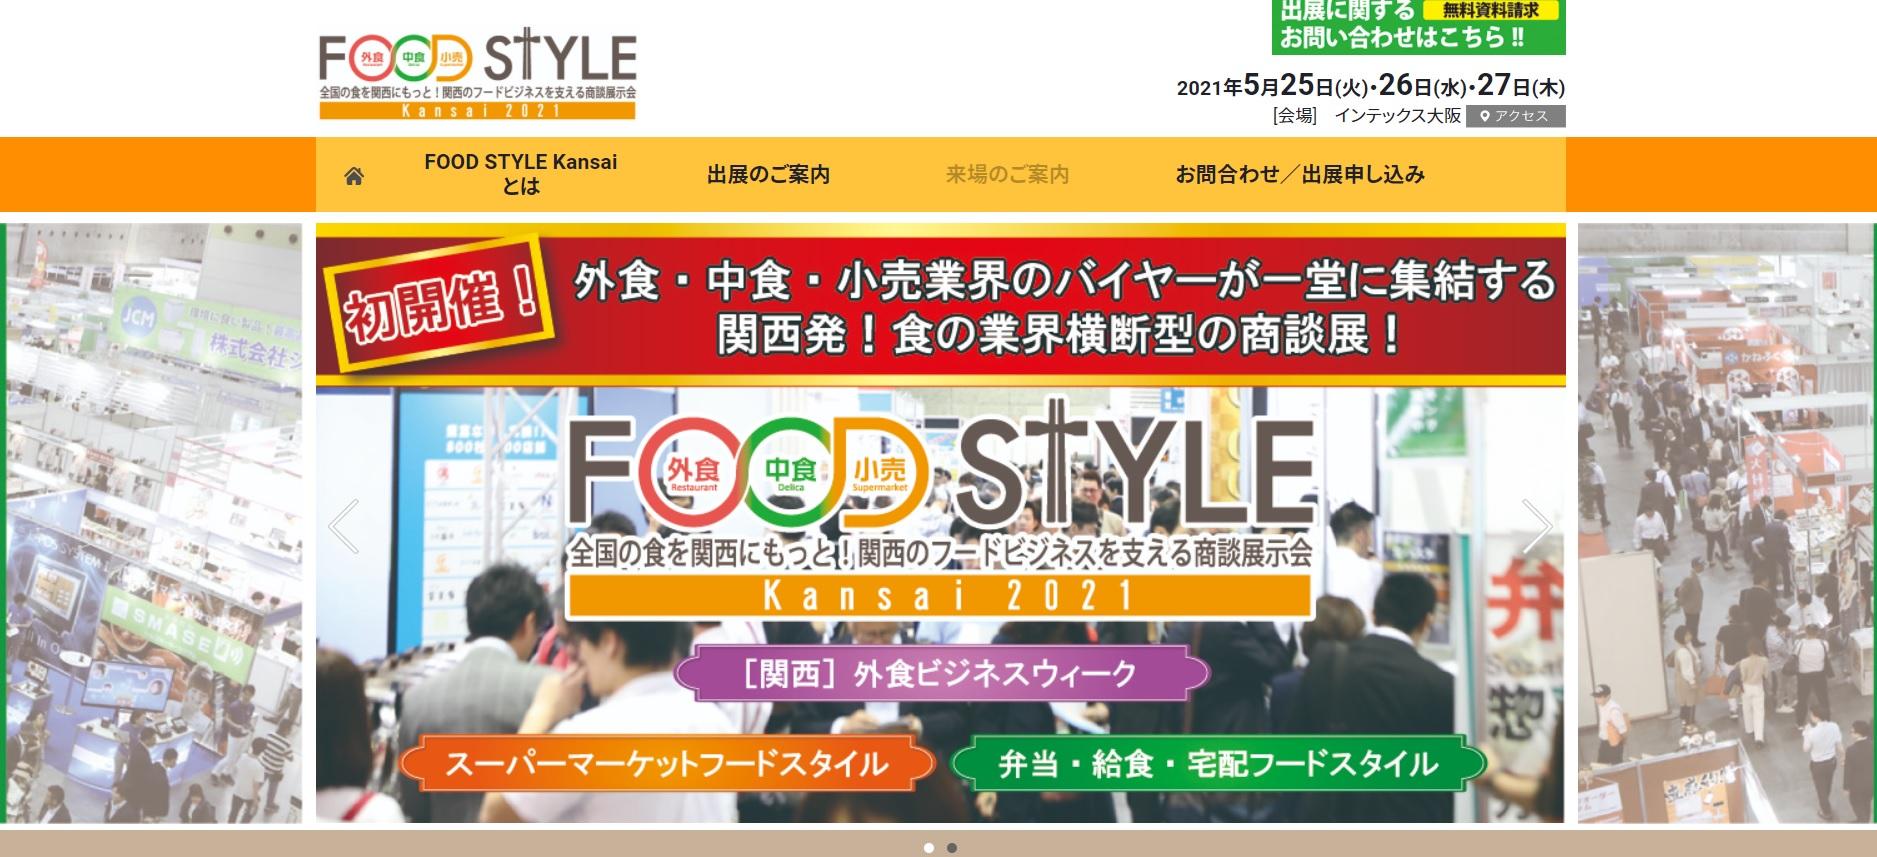 外食ビジネスウィーク大阪2021